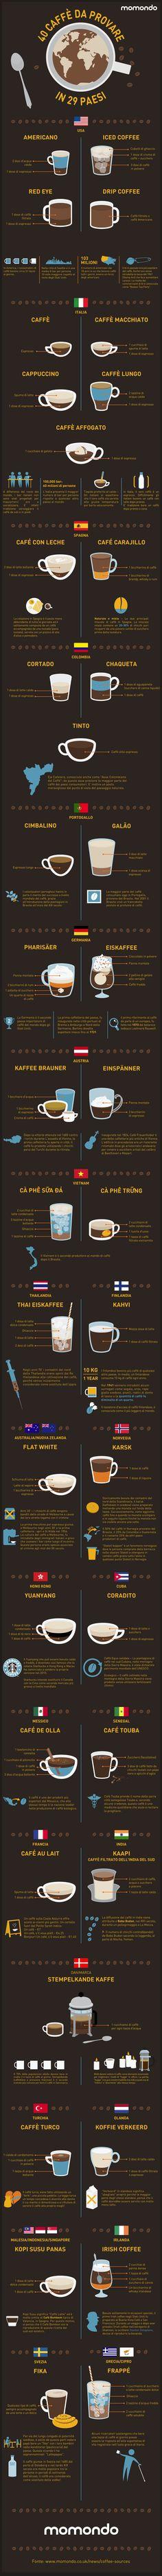 Tazzine di caffè nel mondo #coffee #infographic  #infografica